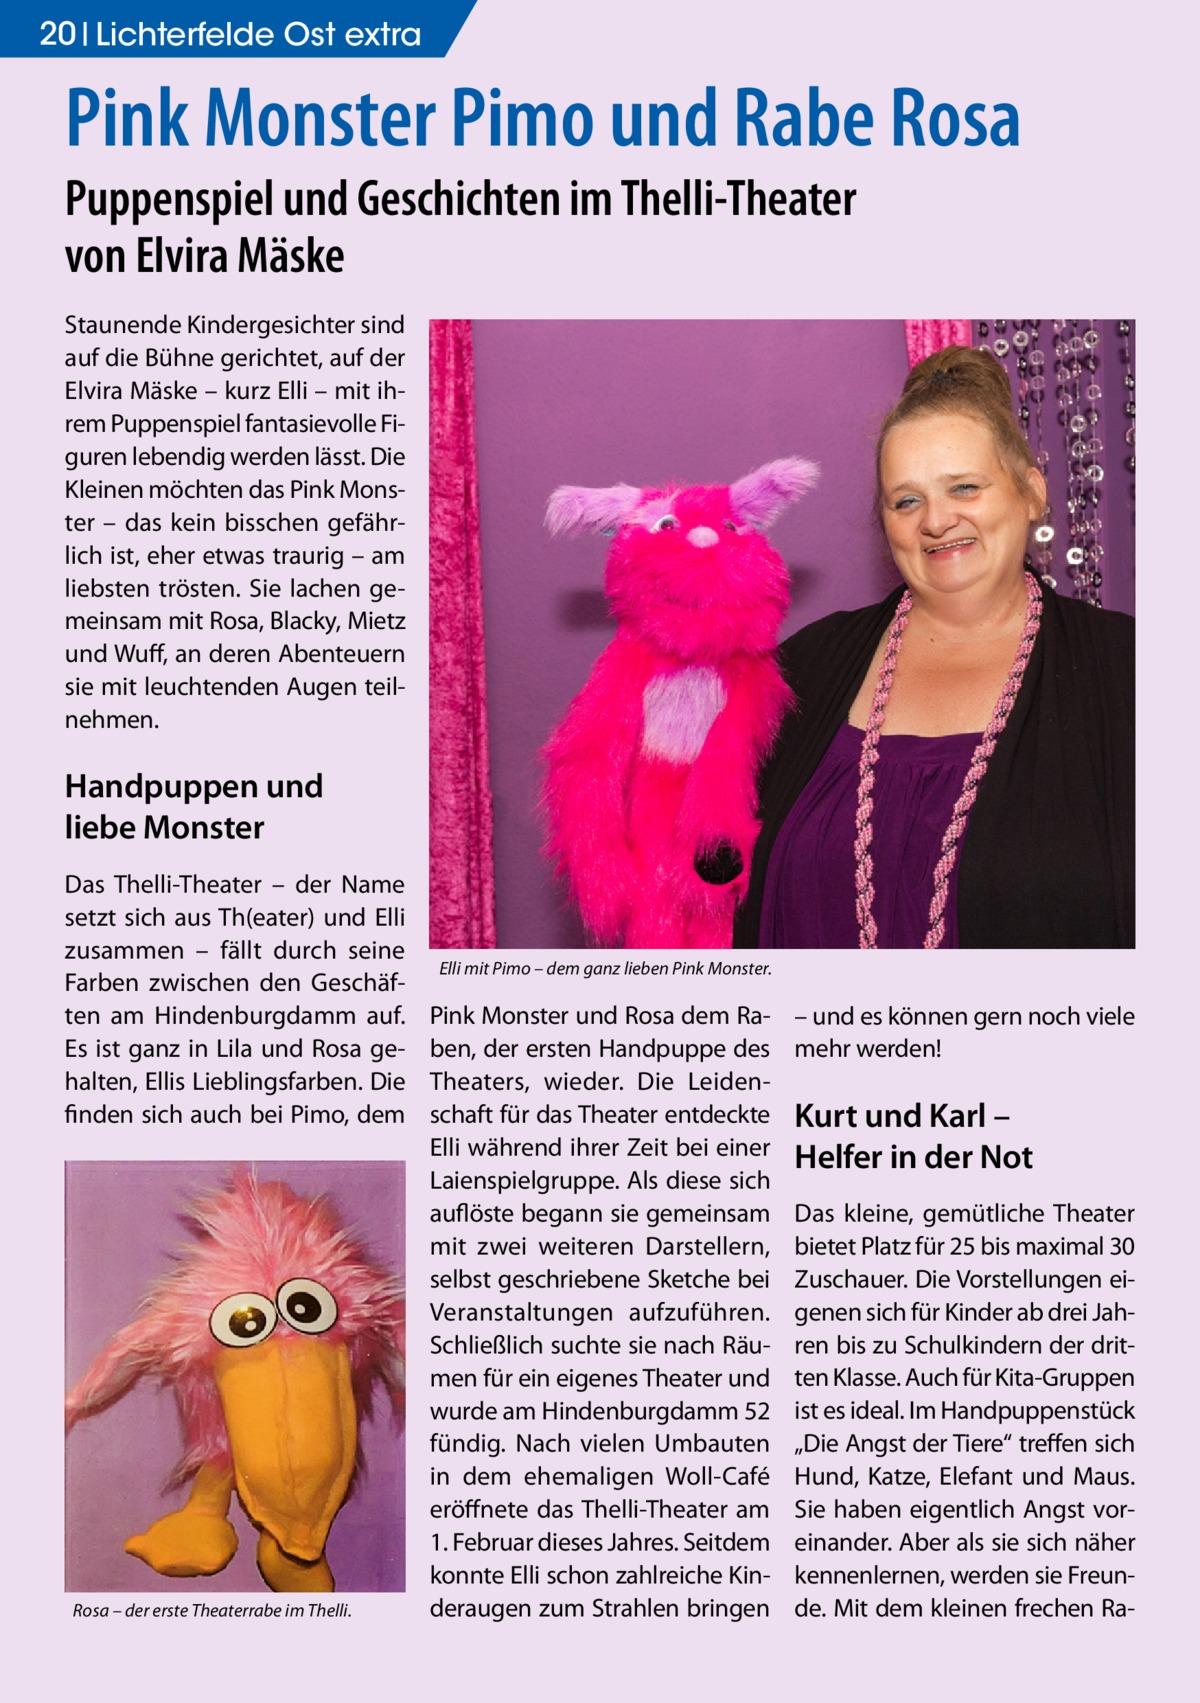 """20 Lichterfelde Ost extra  Pink Monster Pimo und Rabe Rosa Puppenspiel und Geschichten im Thelli-Theater von Elvira Mäske Staunende Kindergesichter sind auf die Bühne gerichtet, auf der Elvira Mäske – kurz Elli – mit ihrem Puppenspiel fantasievolle Figuren lebendig werden lässt. Die Kleinen möchten das Pink Monster – das kein bisschen gefährlich ist, eher etwas traurig – am liebsten trösten. Sie lachen gemeinsam mit Rosa, Blacky, Mietz und Wuff, an deren Abenteuern sie mit leuchtenden Augen teilnehmen.  Handpuppen und liebe Monster Das Thelli-Theater – der Name setzt sich aus Th(eater) und Elli zusammen – fällt durch seine Farben zwischen den Geschäften am Hindenburgdamm auf. Es ist ganz in Lila und Rosa gehalten, Ellis Lieblingsfarben. Die finden sich auch bei Pimo, dem  Rosa – der erste Theaterrabe im Thelli.  Elli mit Pimo – dem ganz lieben Pink Monster.  Pink Monster und Rosa dem Raben, der ersten Handpuppe des Theaters, wieder. Die Leidenschaft für das Theater entdeckte Elli während ihrer Zeit bei einer Laienspielgruppe. Als diese sich auflöste begann sie gemeinsam mit zwei weiteren Darstellern, selbst geschriebene Sketche bei Veranstaltungen aufzuführen. Schließlich suchte sie nach Räumen für ein eigenes Theater und wurde am Hindenburgdamm 52 fündig. Nach vielen Umbauten in dem ehemaligen Woll-Café eröffnete das Thelli-Theater am 1. Februar dieses Jahres. Seitdem konnte Elli schon zahlreiche Kinderaugen zum Strahlen bringen  – und es können gern noch viele mehr werden!  Kurt und Karl – Helfer in der Not Das kleine, gemütliche Theater bietet Platz für 25 bis maximal 30 Zuschauer. Die Vorstellungen eigenen sich für Kinder ab drei Jahren bis zu Schulkindern der dritten Klasse. Auch für Kita-Gruppen ist es ideal. Im Handpuppenstück """"Die Angst der Tiere"""" treffen sich Hund, Katze, Elefant und Maus. Sie haben eigentlich Angst voreinander. Aber als sie sich näher kennenlernen, werden sie Freunde. Mit dem kleinen frechen R"""